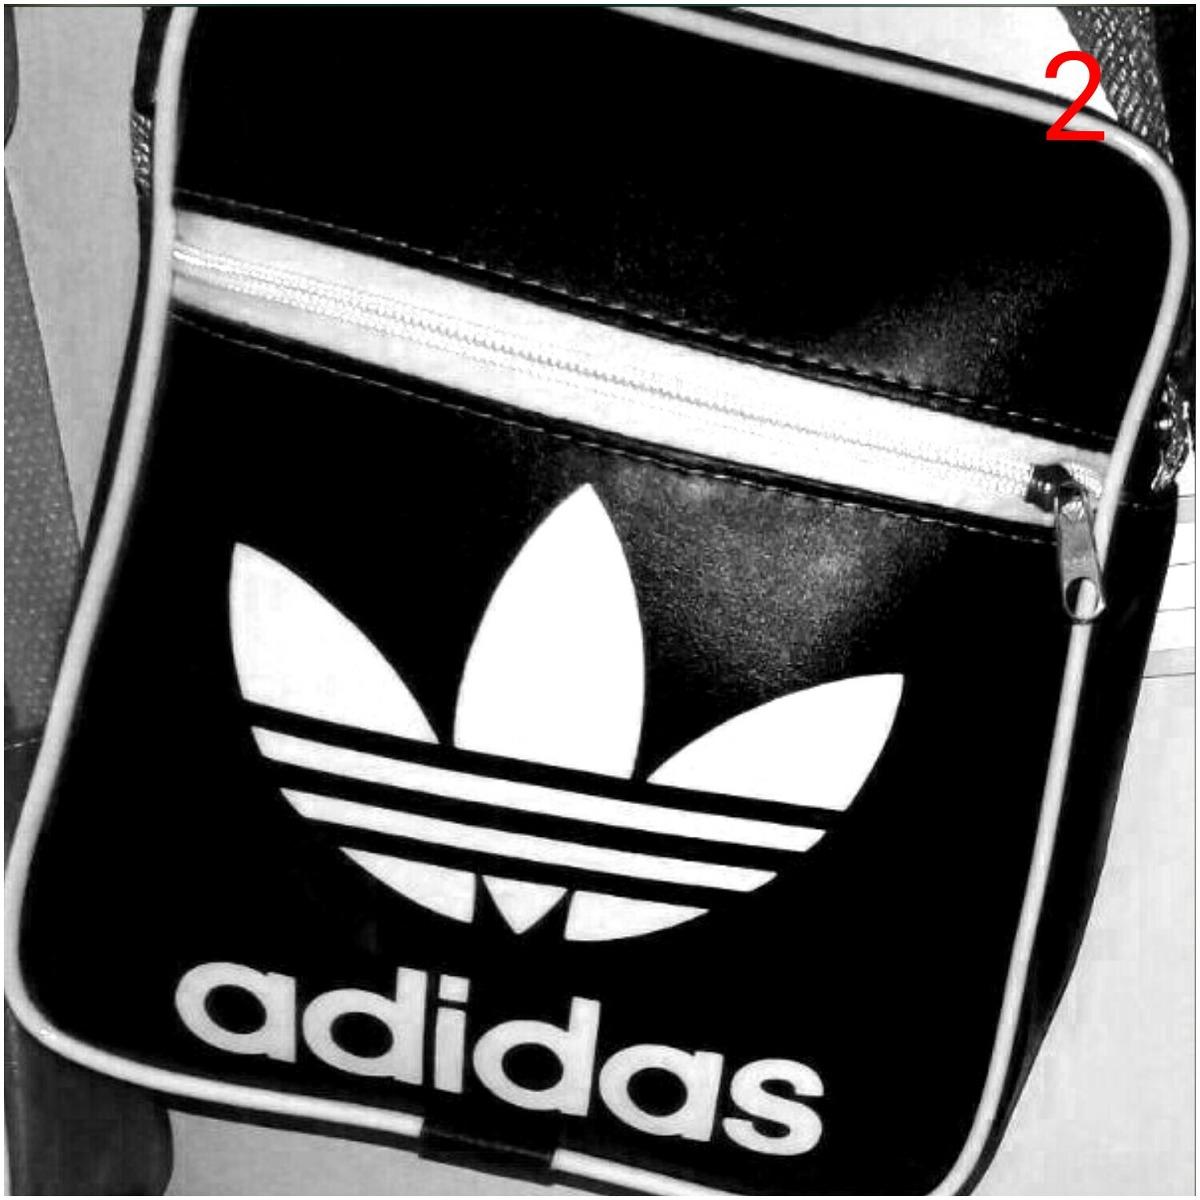 254fc34145d Carregando zoom... masculina adidas bolsa. Carregando zoom... bolsa  masculina feminina nike ou adidas kit com 6 peças